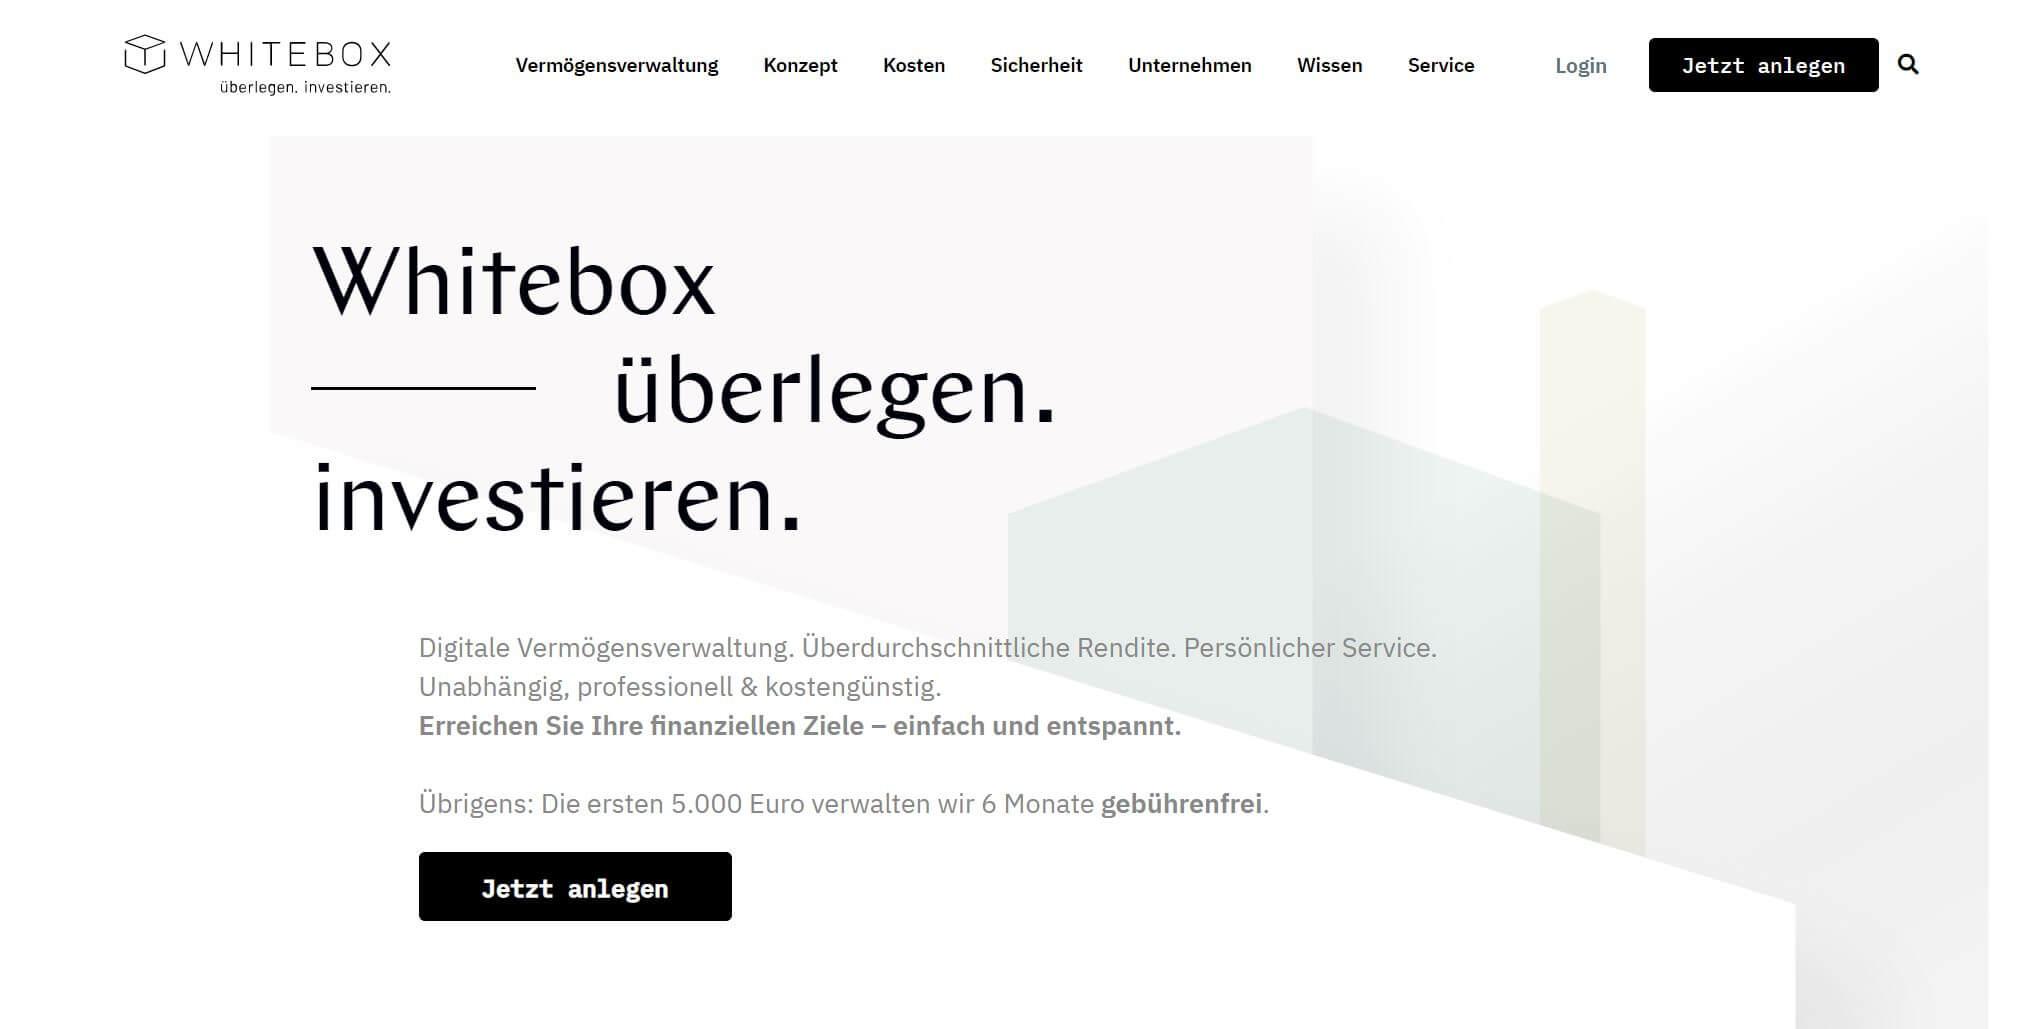 Whitebox Startseite